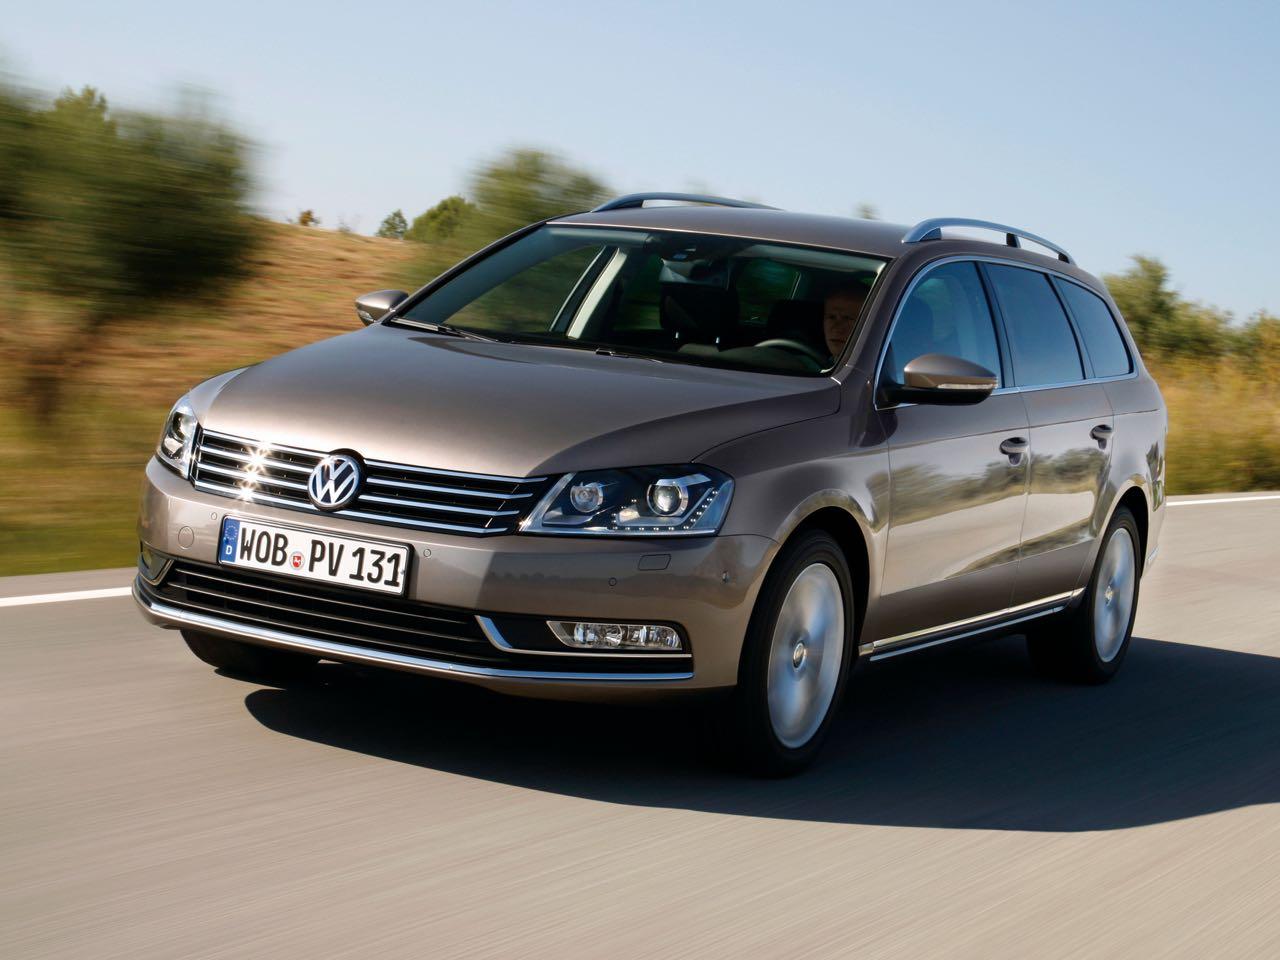 Volkswagen Passat Variant 2011